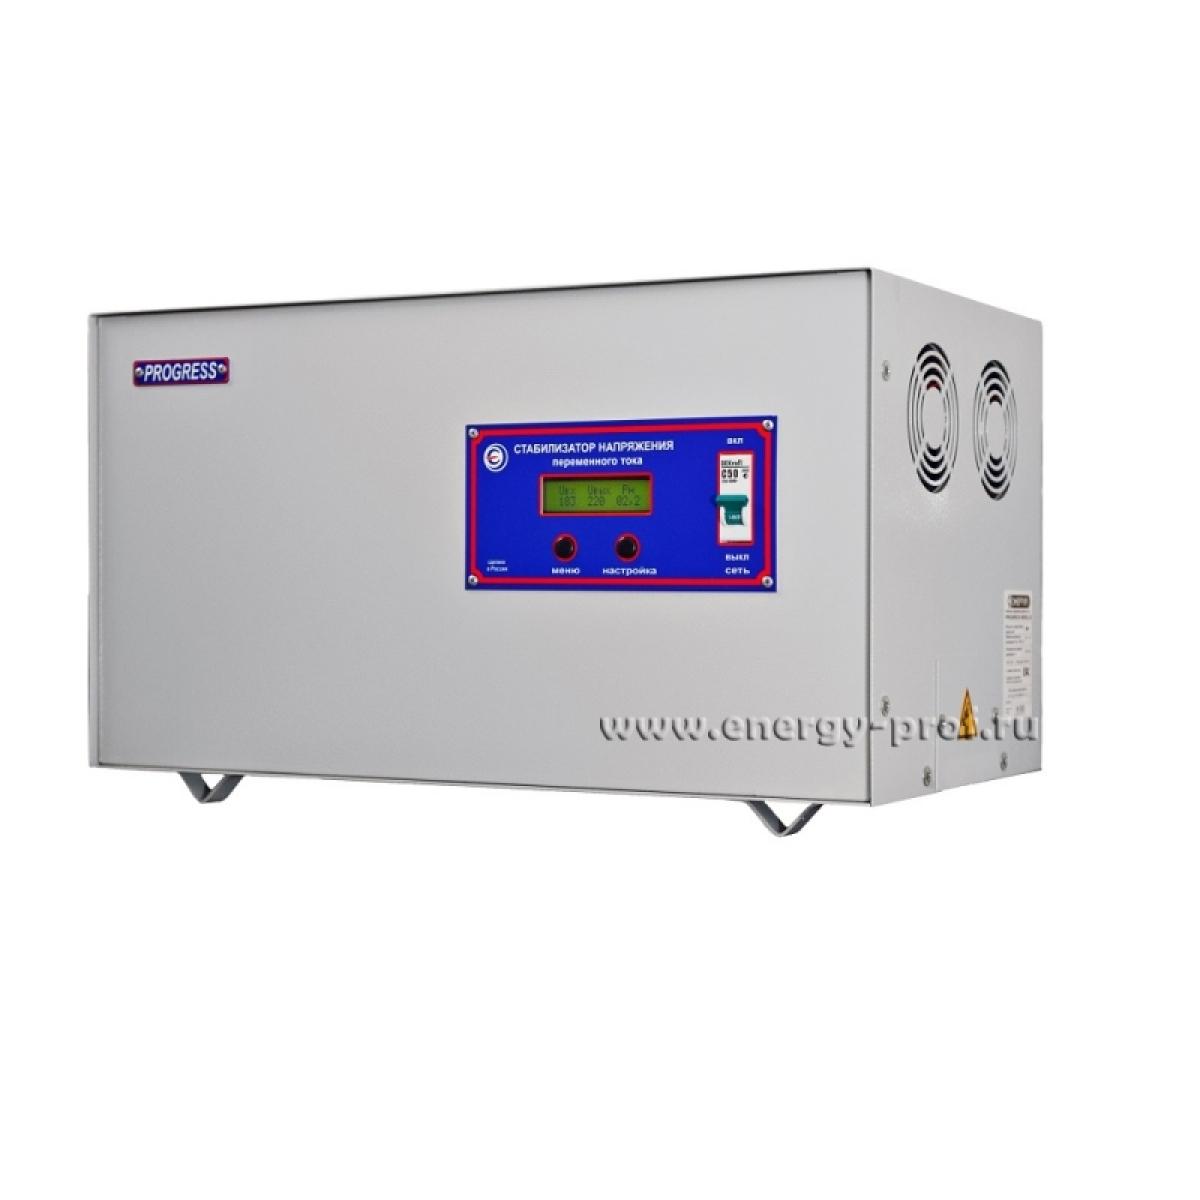 Однофазный стабилизатор PROGRESS 12000TR